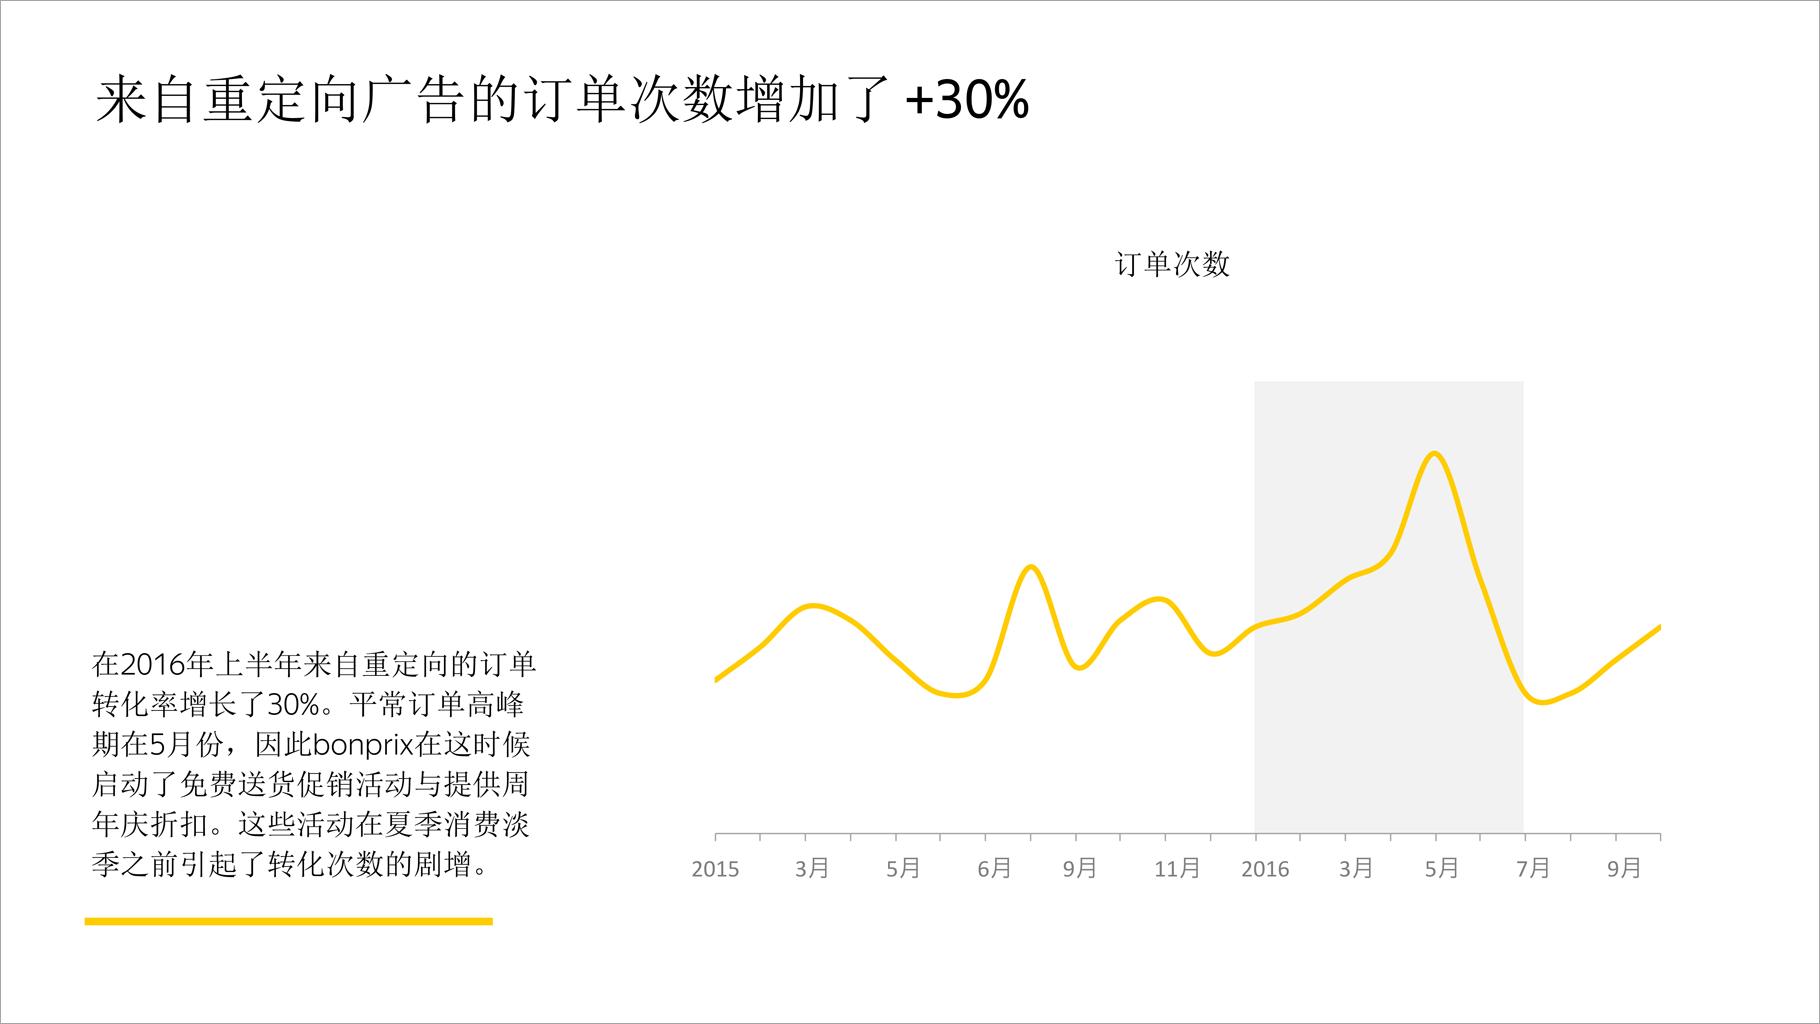 来自重定向广告的订单次数增加了 +30%